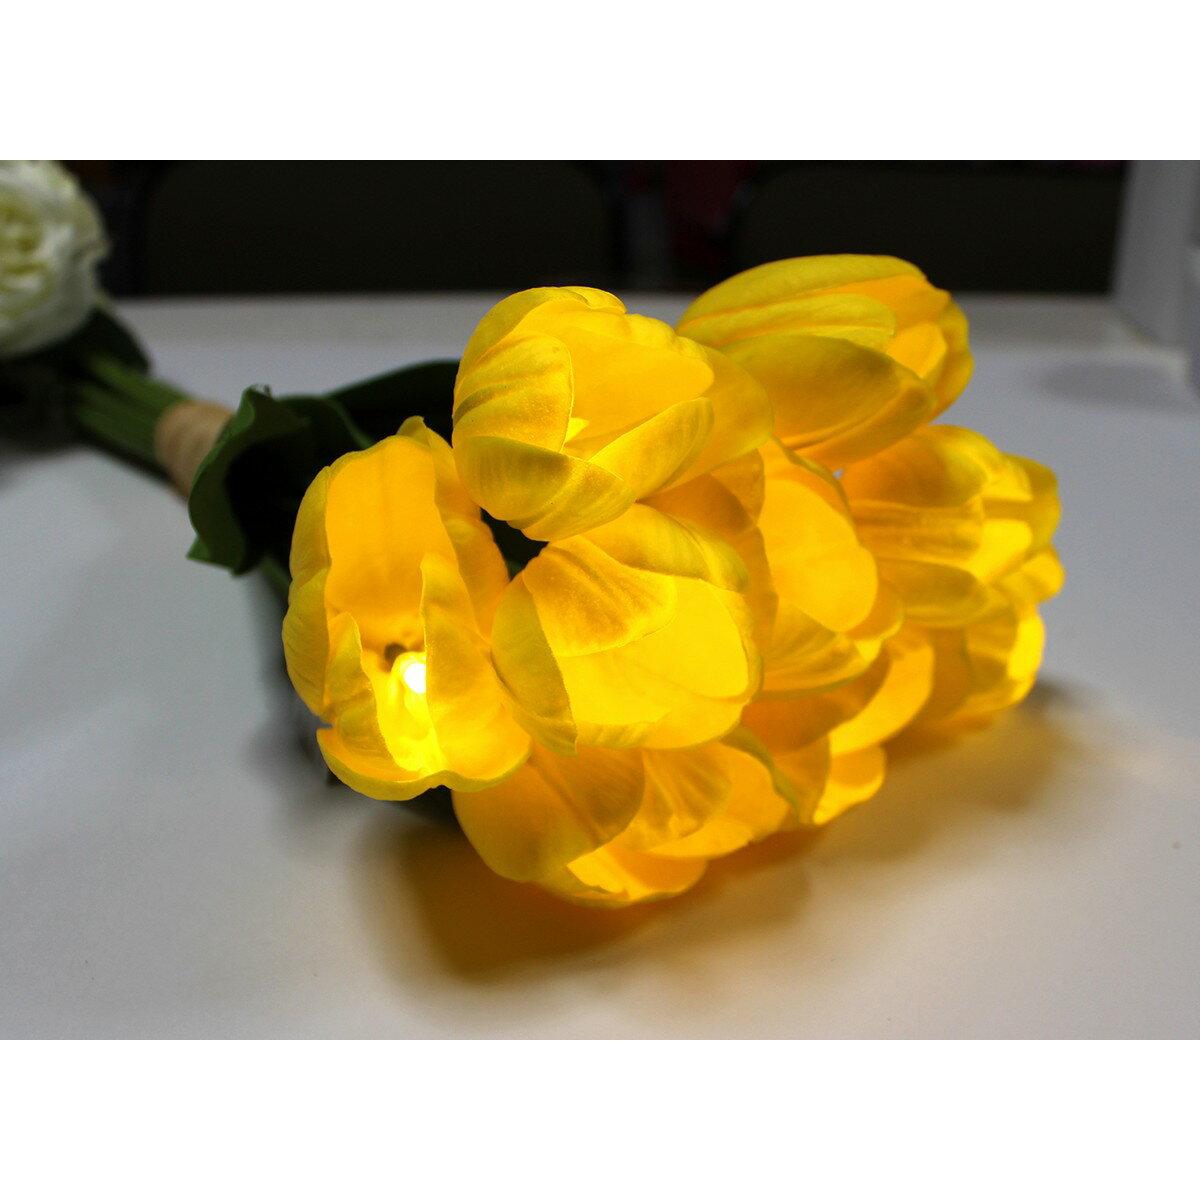 【造花】Gracias/LEDフラワーチューリップ イエロー 9輪/100033【01】【01】【取寄】《キャンドル LEDキャンドル・ロウソク モチーフLEDキャンドルキャンドル》